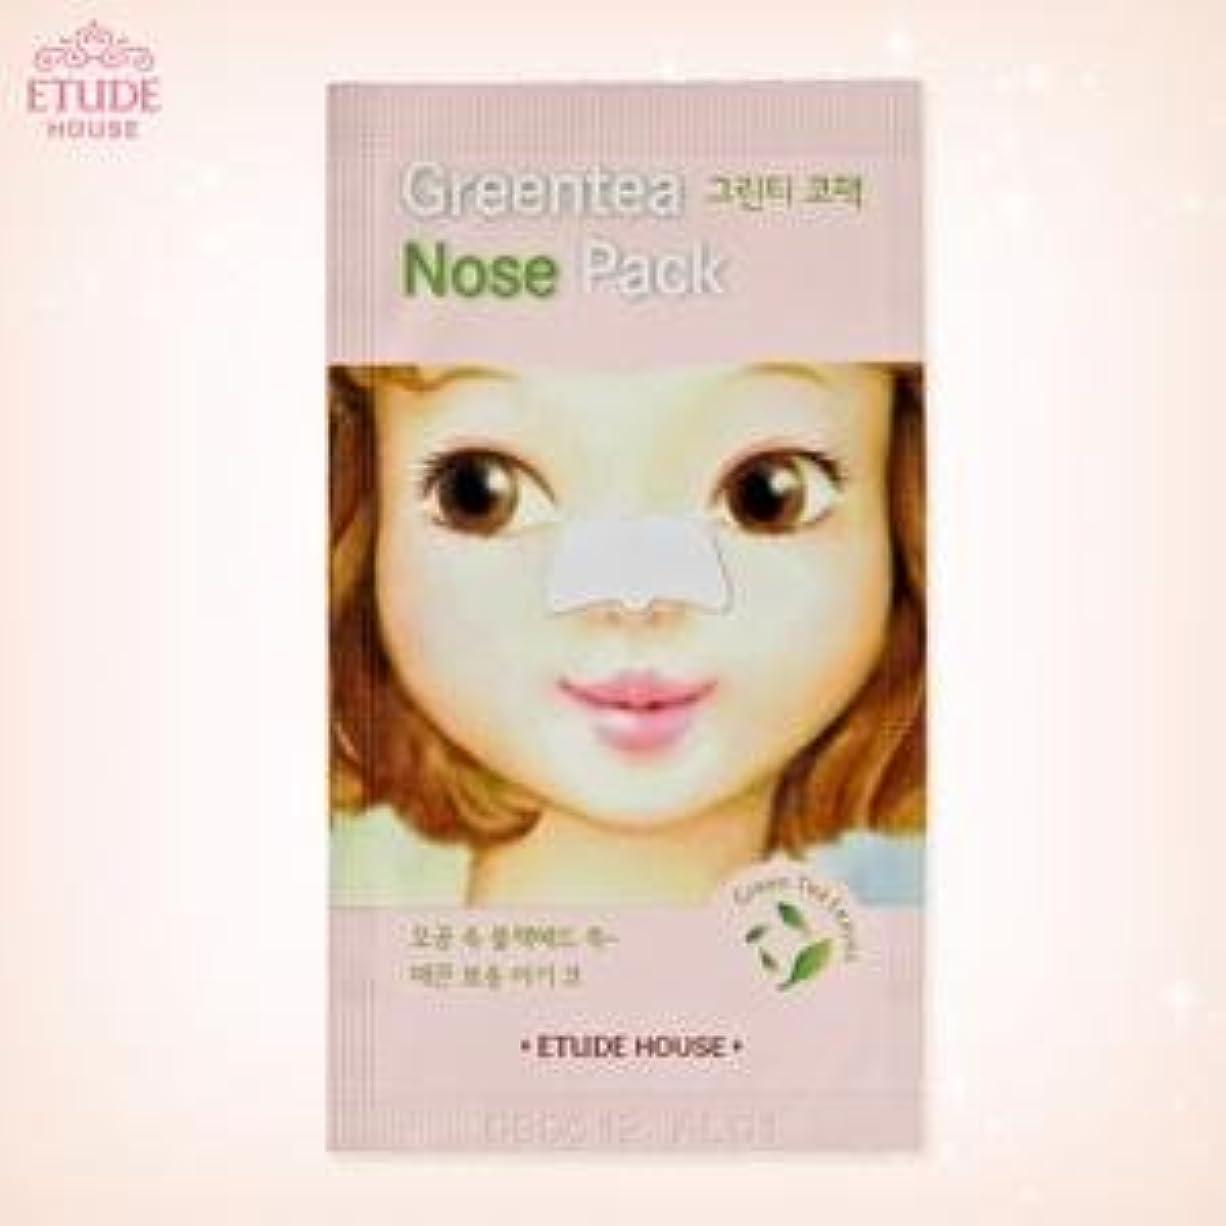 まもなく契約カテナエチュードハウス グリーンティー ノーズパック[Greentea Nose Pack]鼻専用パック